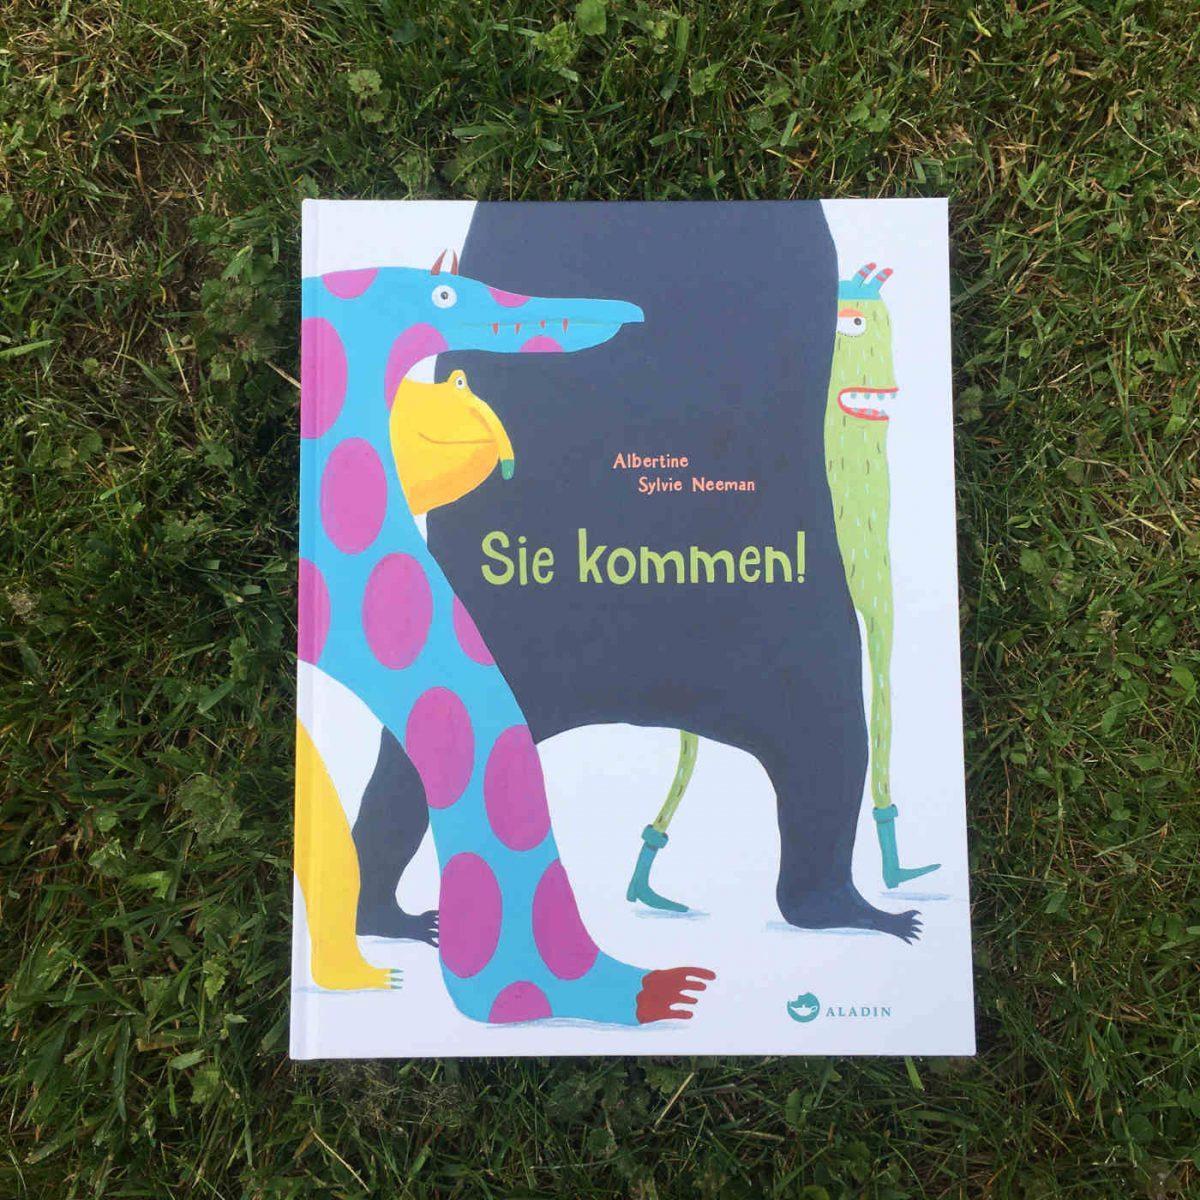 Albertine Sylvie Neeman Sie kommen Brigitte Wallingers Kinderbuchblog zweisprachig spanisch deutsch bilinguale ausgabe Jugendbuchblog Buchtipps für Kinder und Jugendliche Buchempfehlungen für Teens und Kids Buchperlen junge Literatur